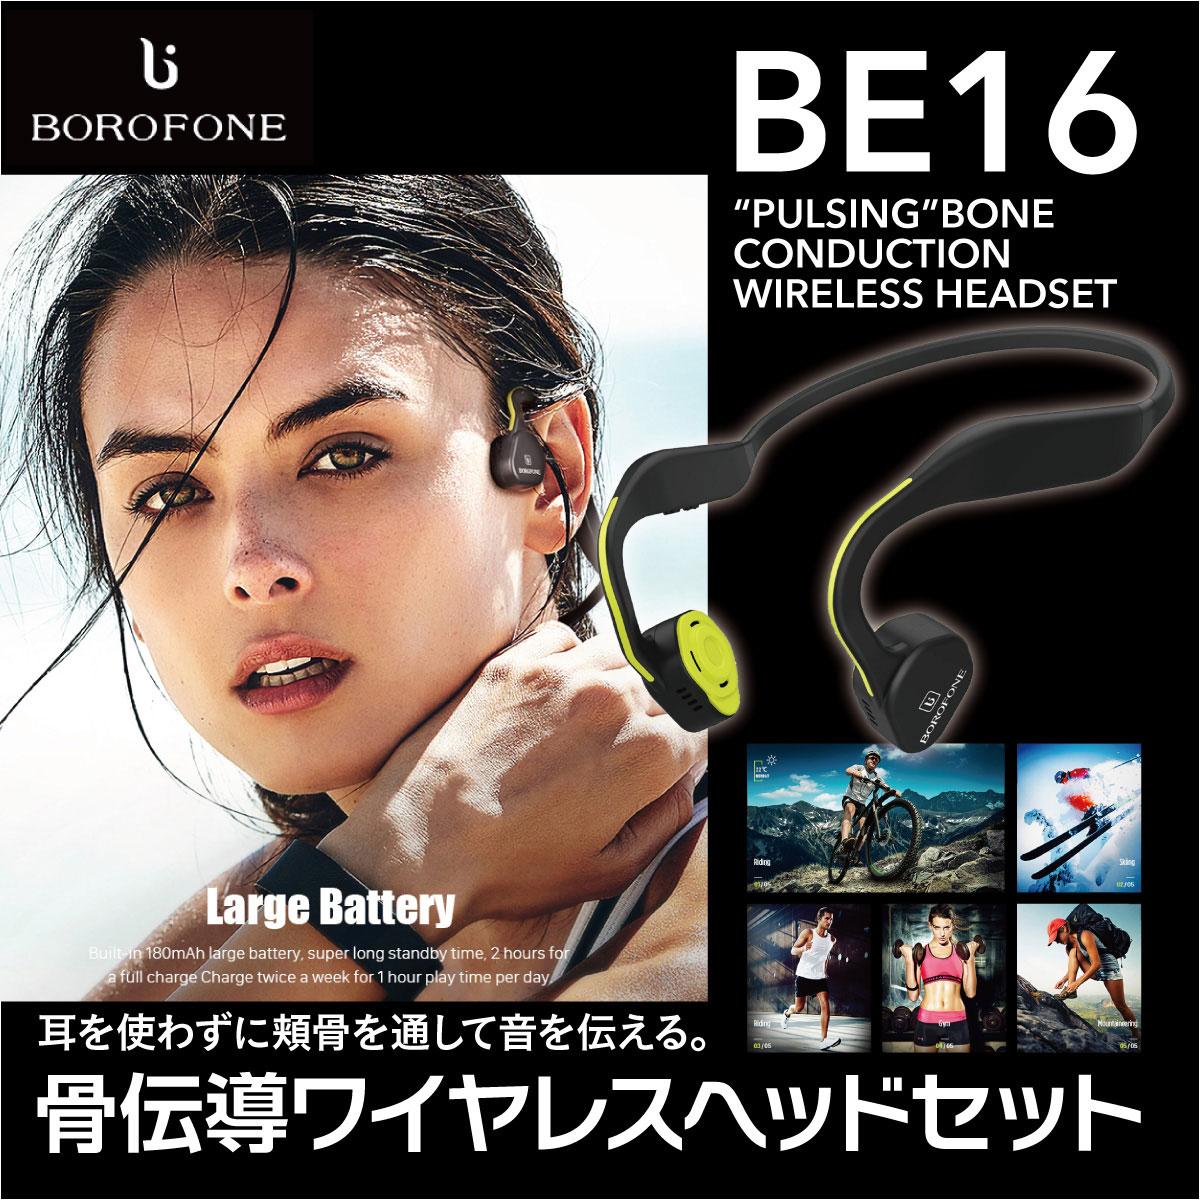 ワイヤレスイヤホン 骨伝導 ワイヤレス イヤホン ヘッドセット Bluetooth iphone 両耳 スポーツイヤホン ハンズフリー ワイヤレス イヤホン ランニング 送料無料 ボロフォン BOROFONE borofone-be16